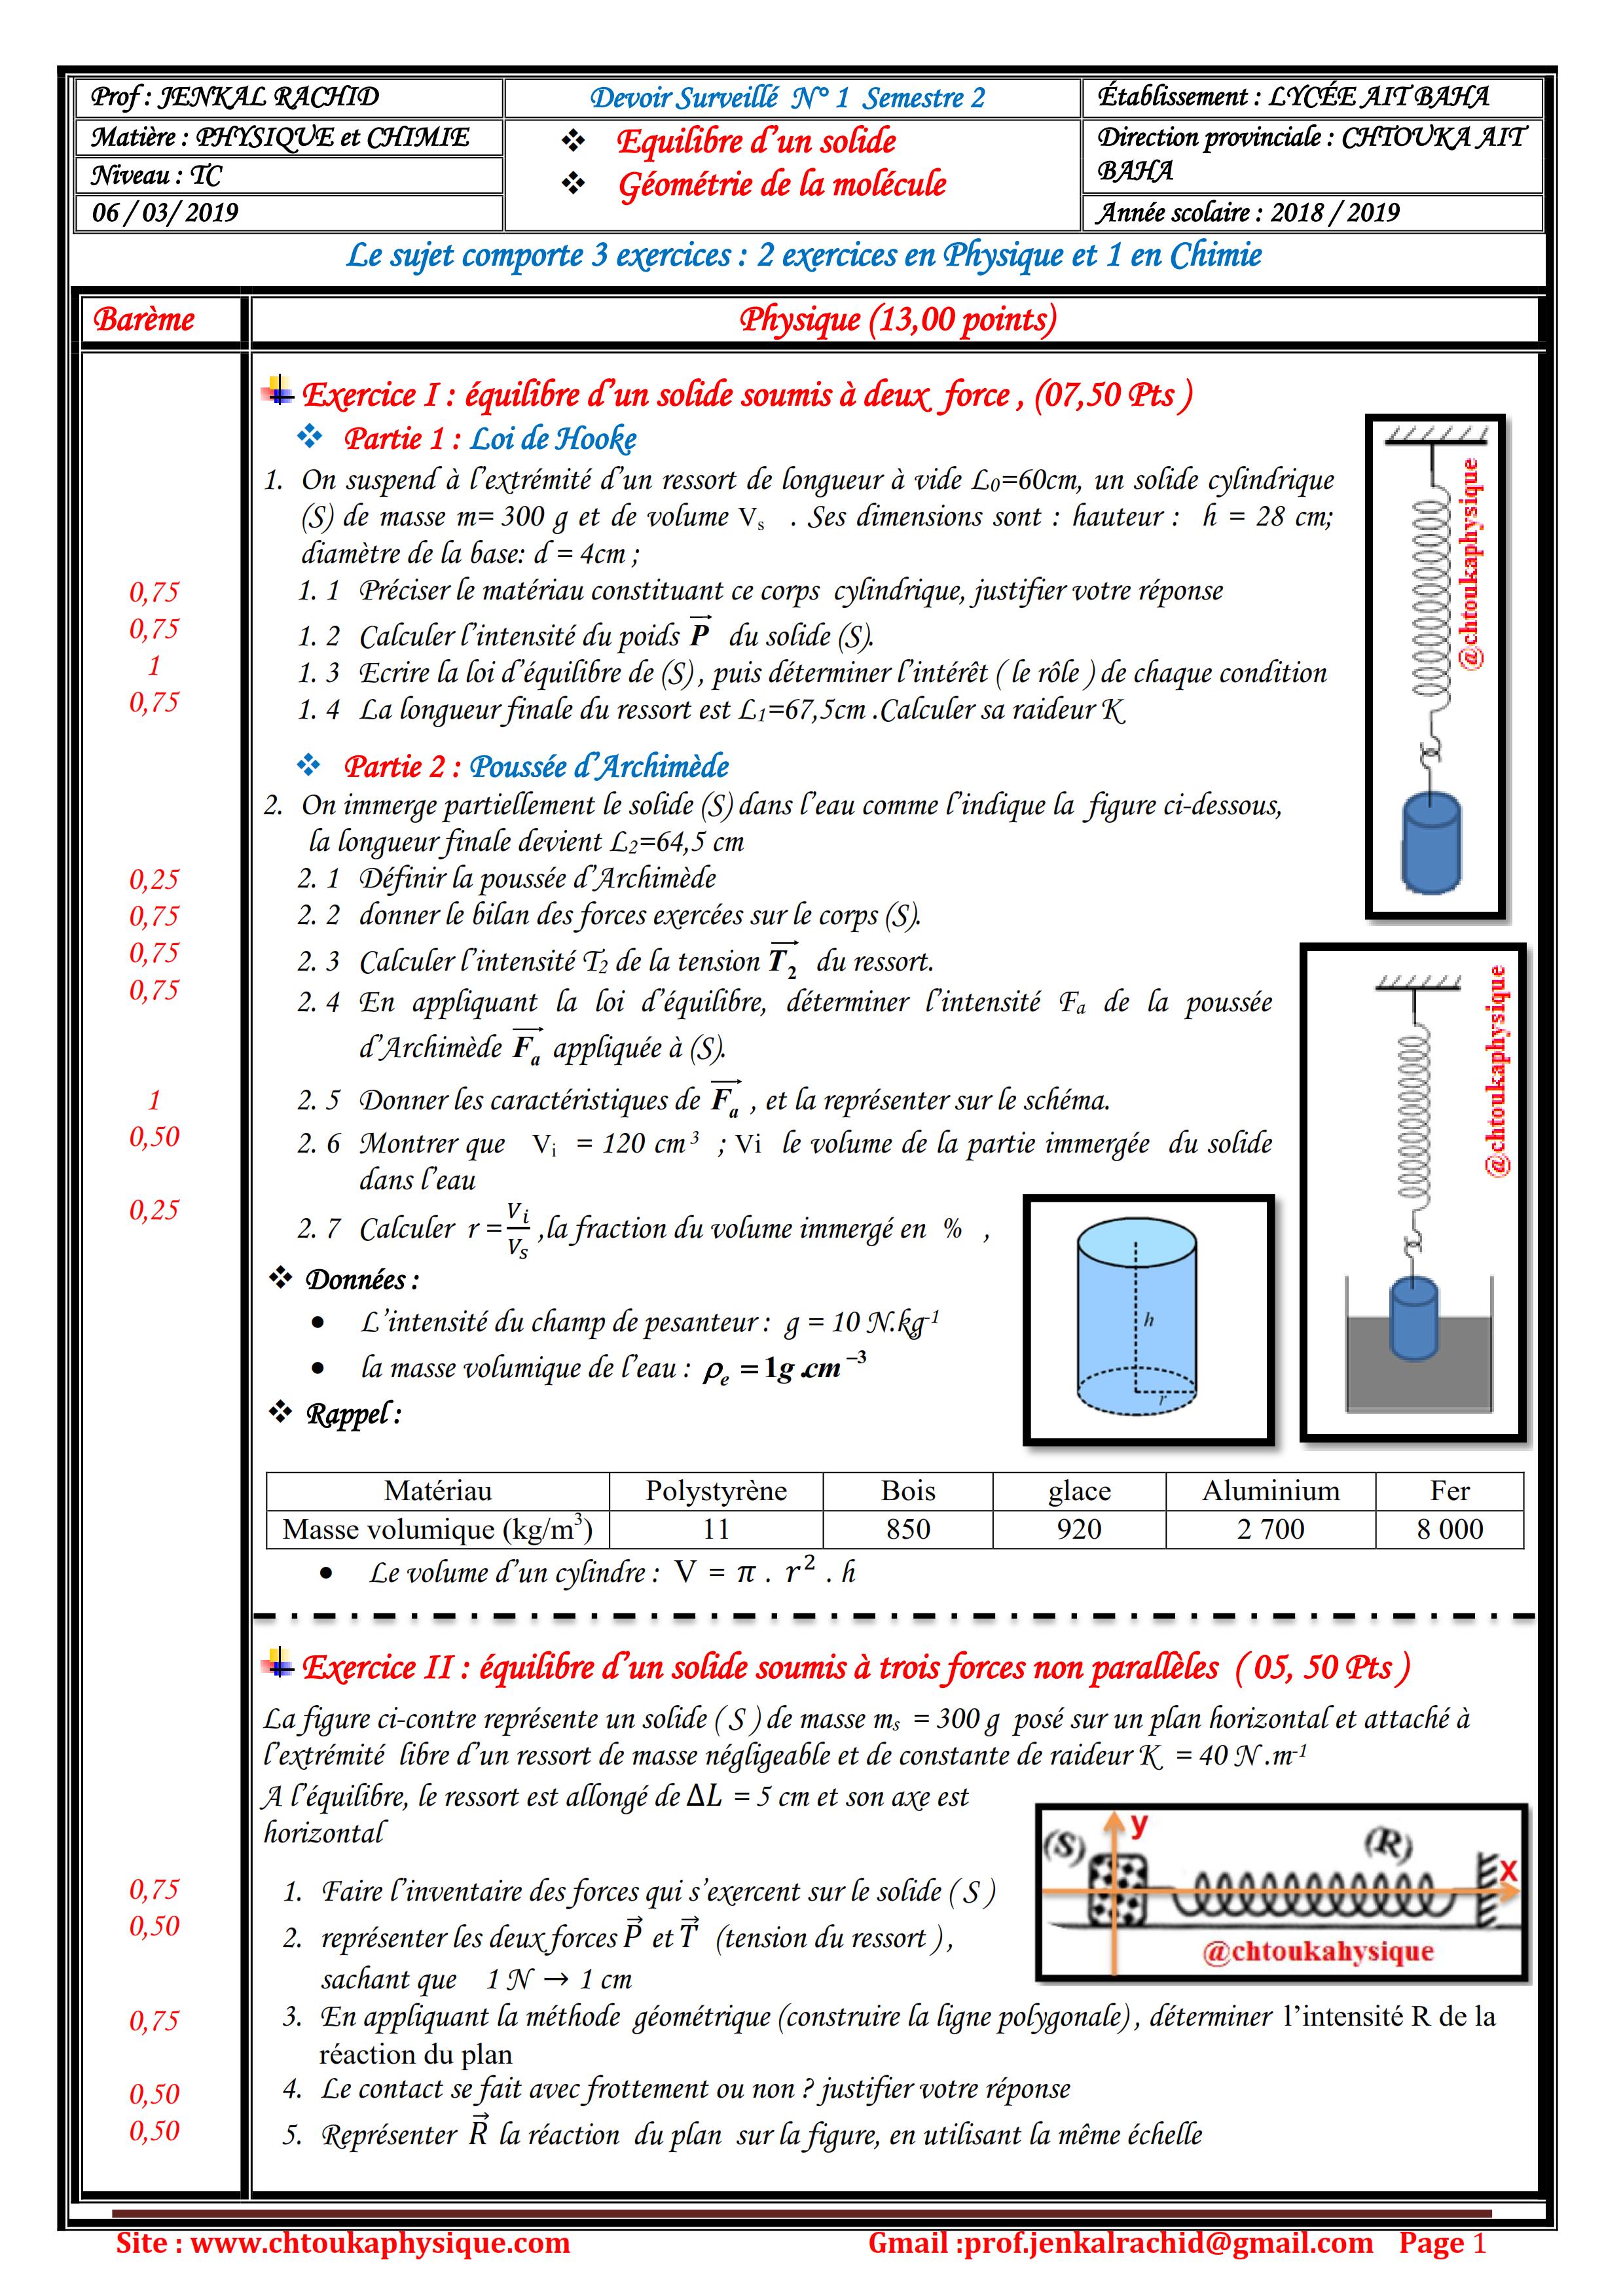 Devoir Surveillé N° 1 semestre 2 , équilibre d'un solide soumis à deux forces  , équilibre d'un solide soumis à trois forces non parallèles ,géométrie de la molécule , TCS BIOF , 2018-2019 , Pr JENKAL RACHID